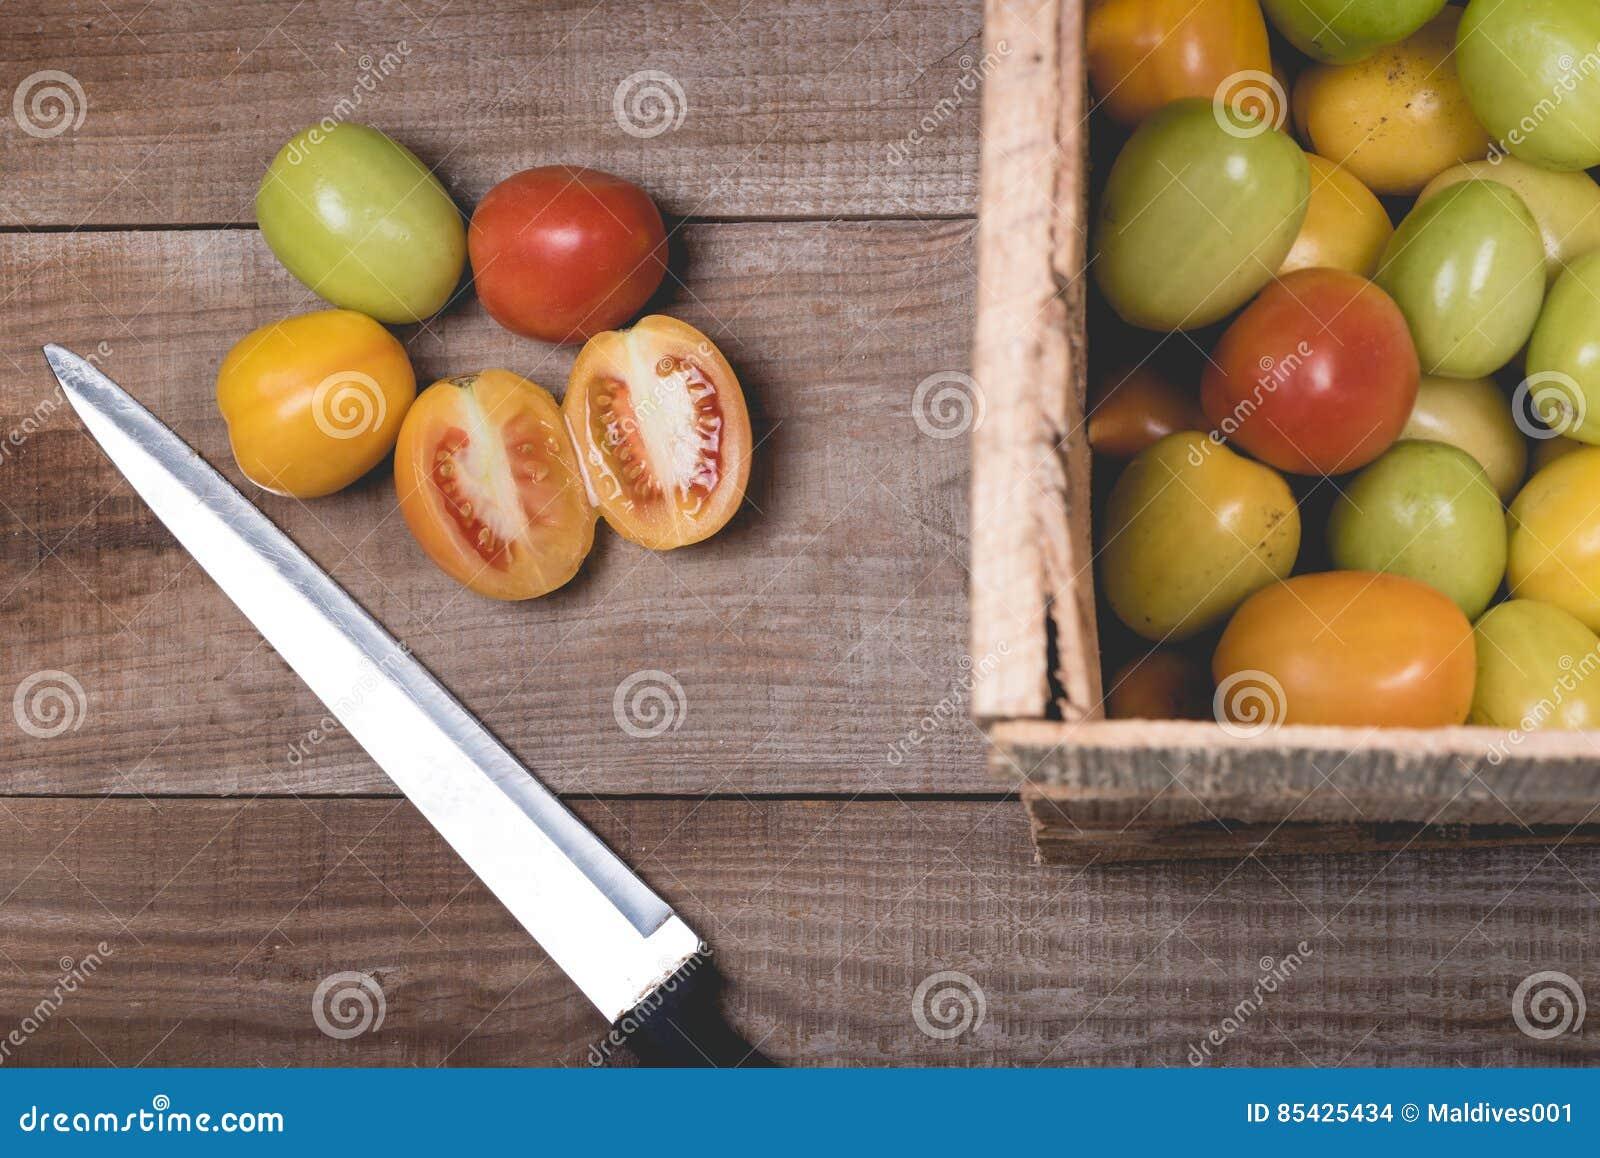 在木背景的未加工的蕃茄